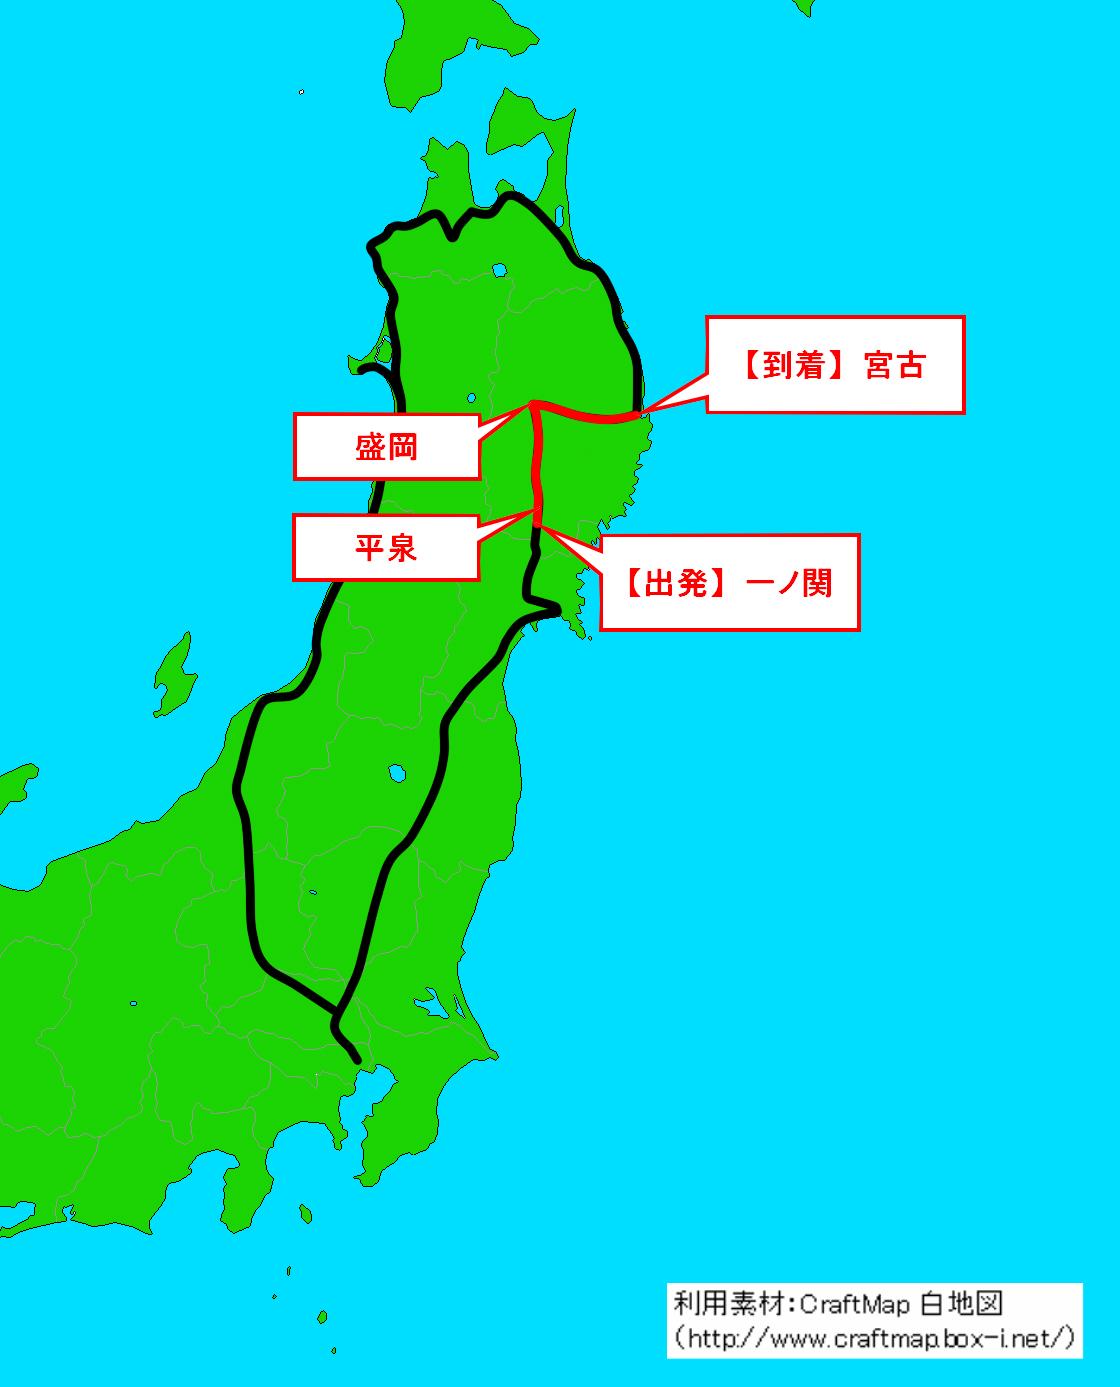 【画像】行程マップ(一ノ関〜平泉〜盛岡〜宮古)